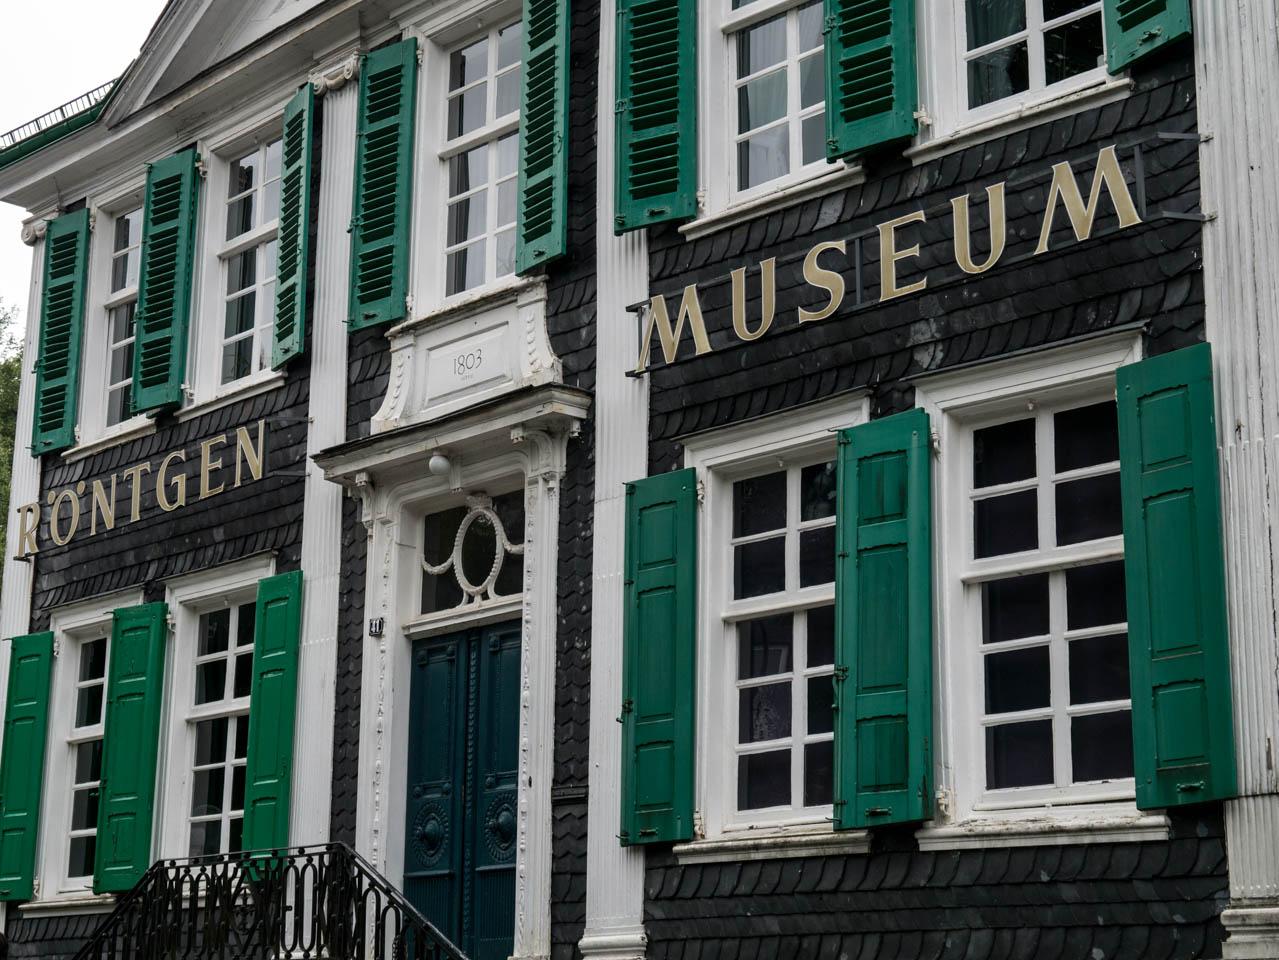 Röntgenmuseum (1 von 1)